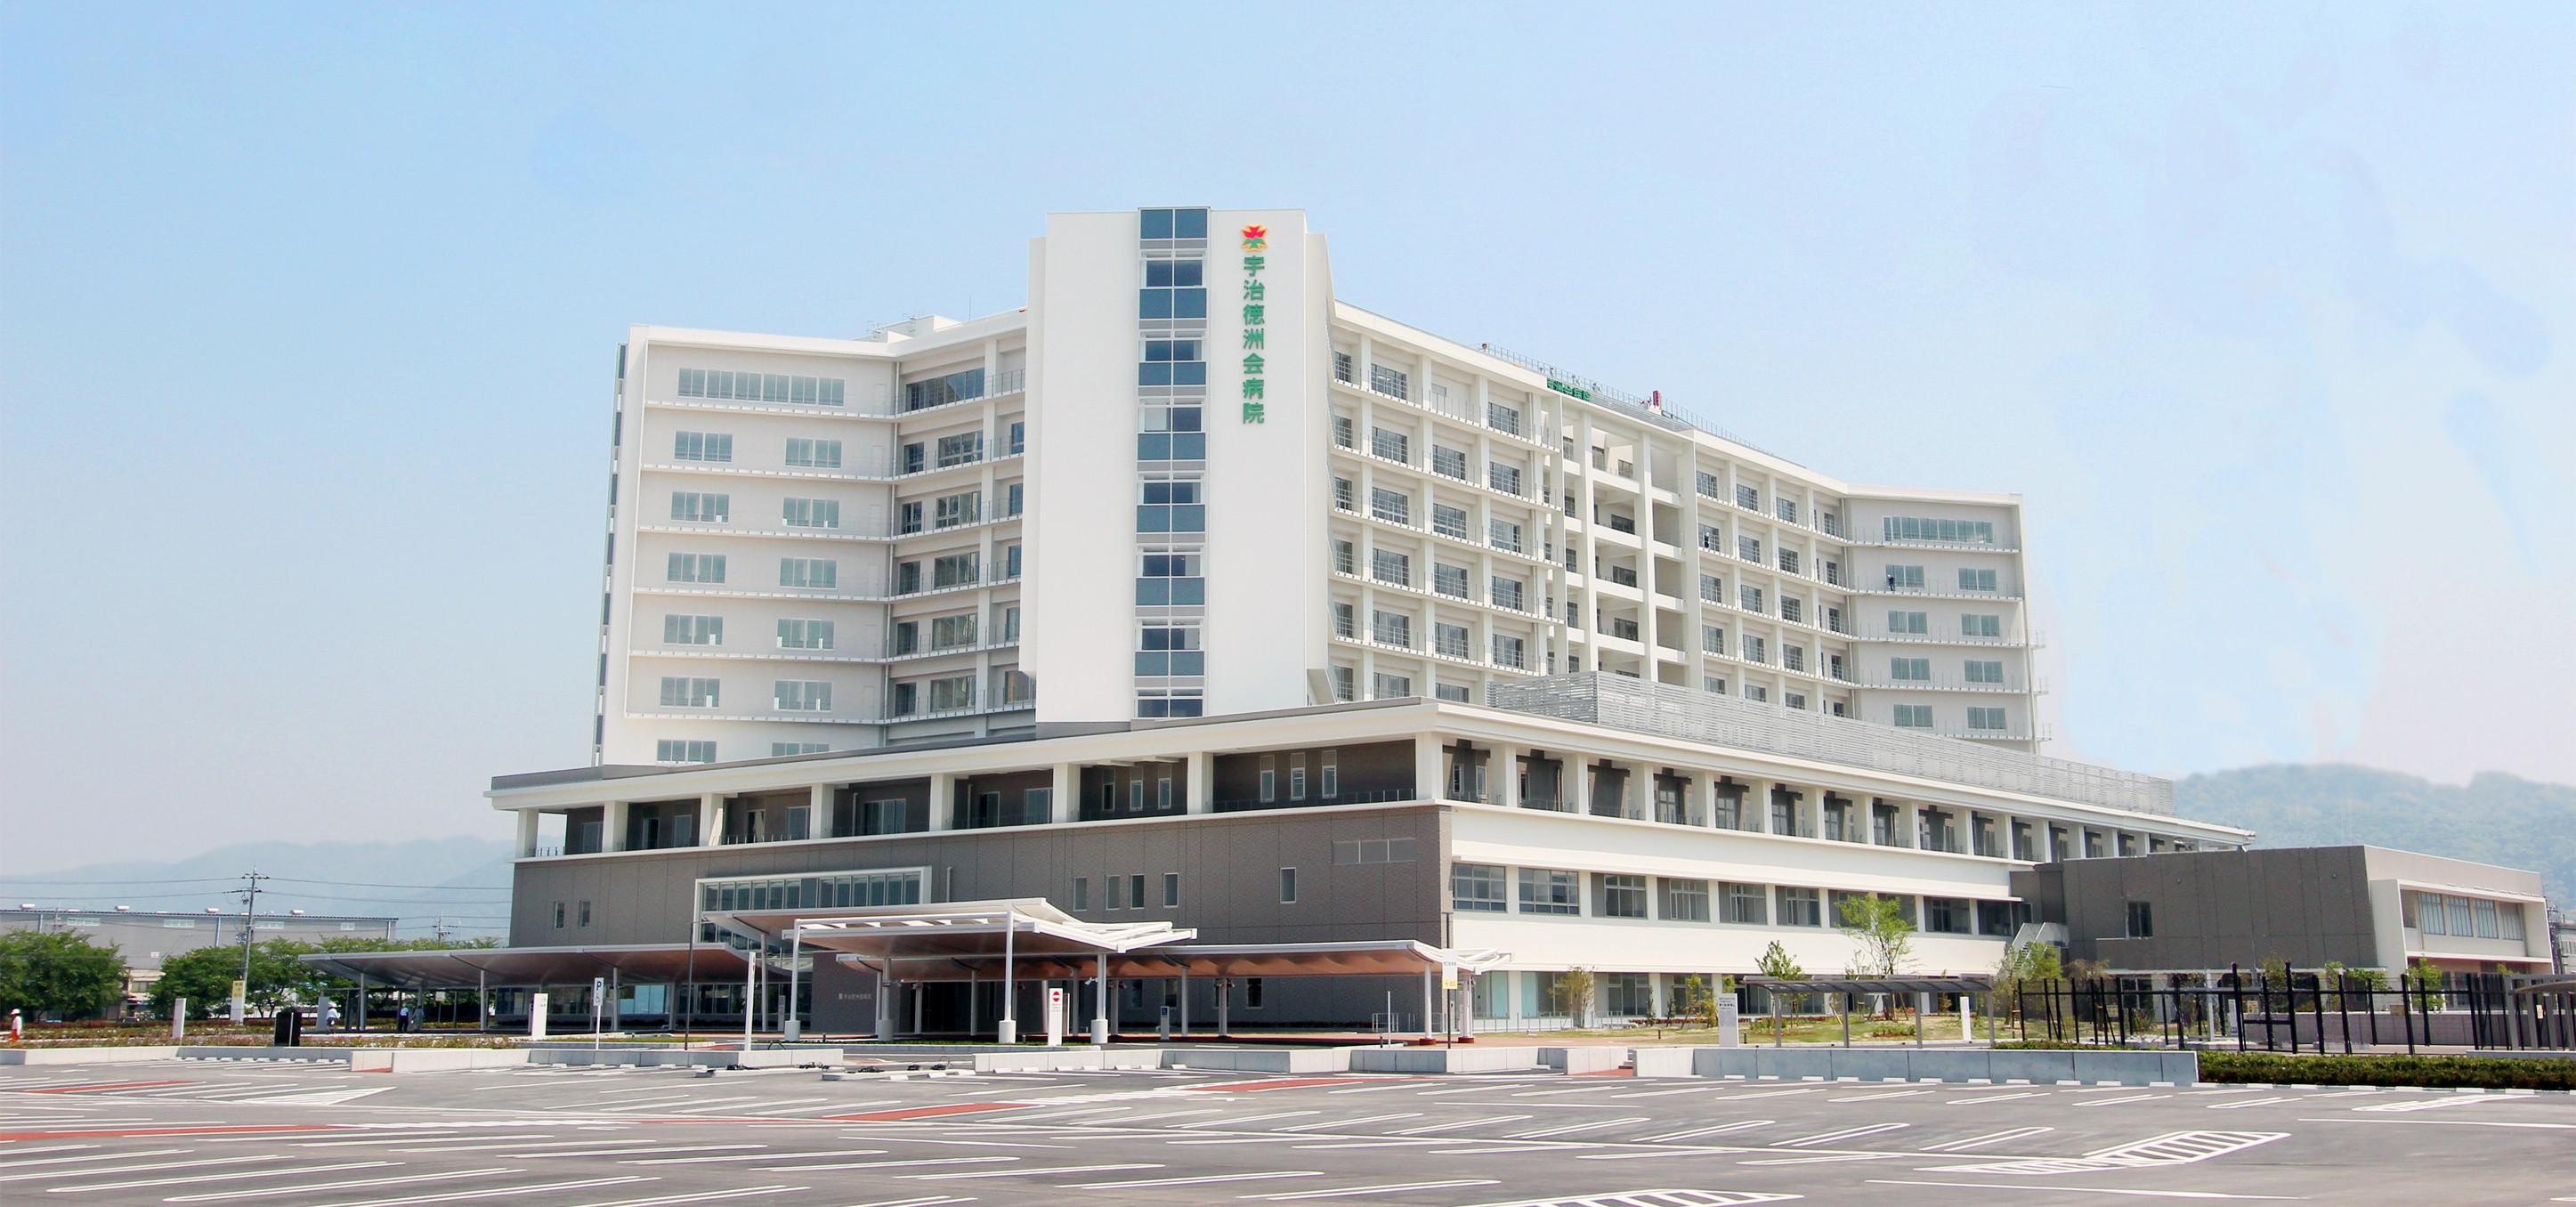 西部 コロナ 高砂 病院 高砂市「高砂西部病院」の職員が新型コロナウイルスに感染